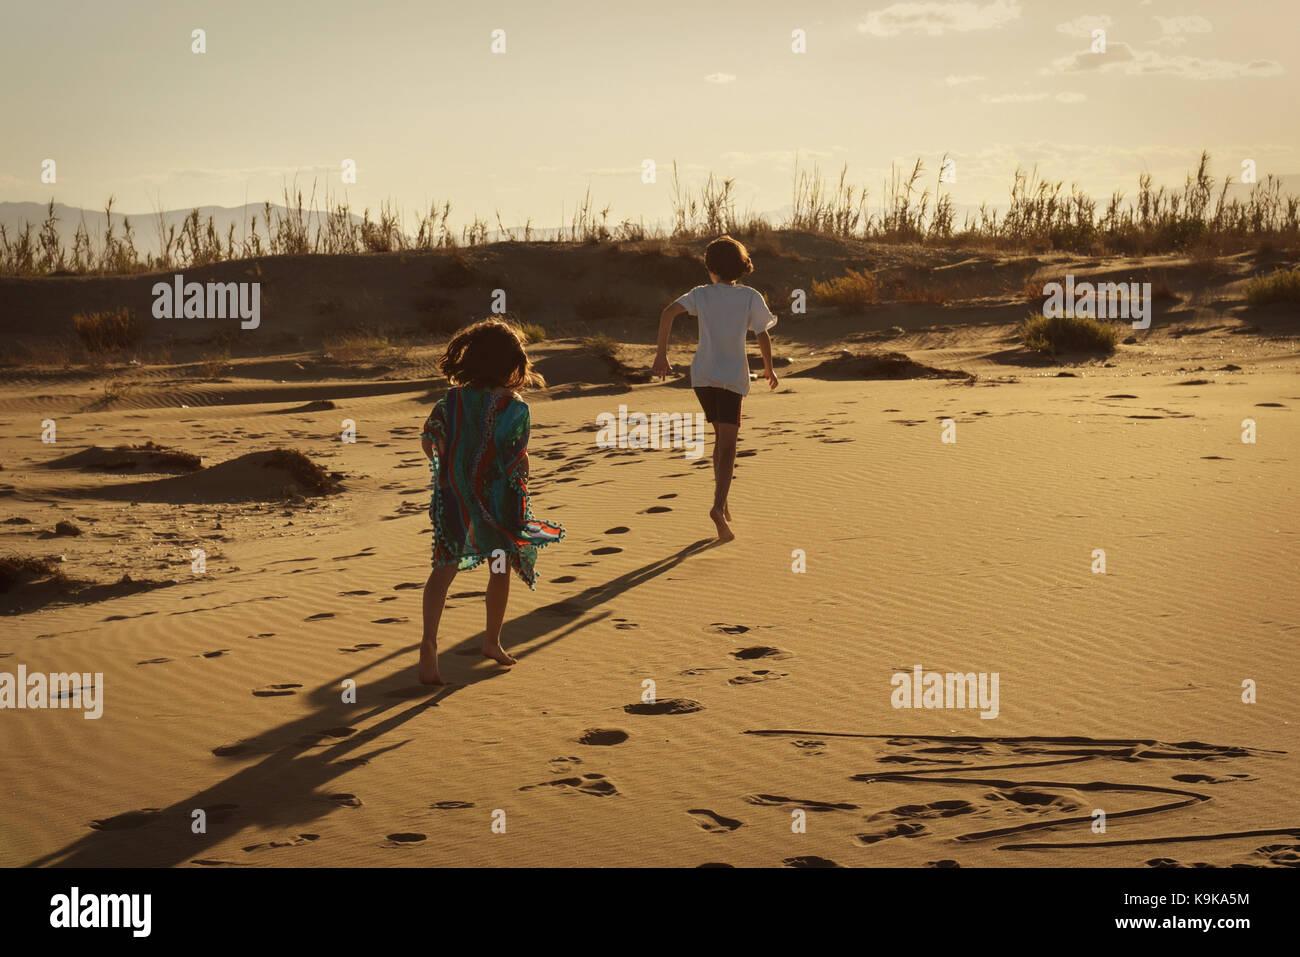 Junge und Mädchen Running Wild auf einem sandigen Strand bei Sonnenuntergang verlassen Footprints Stockbild